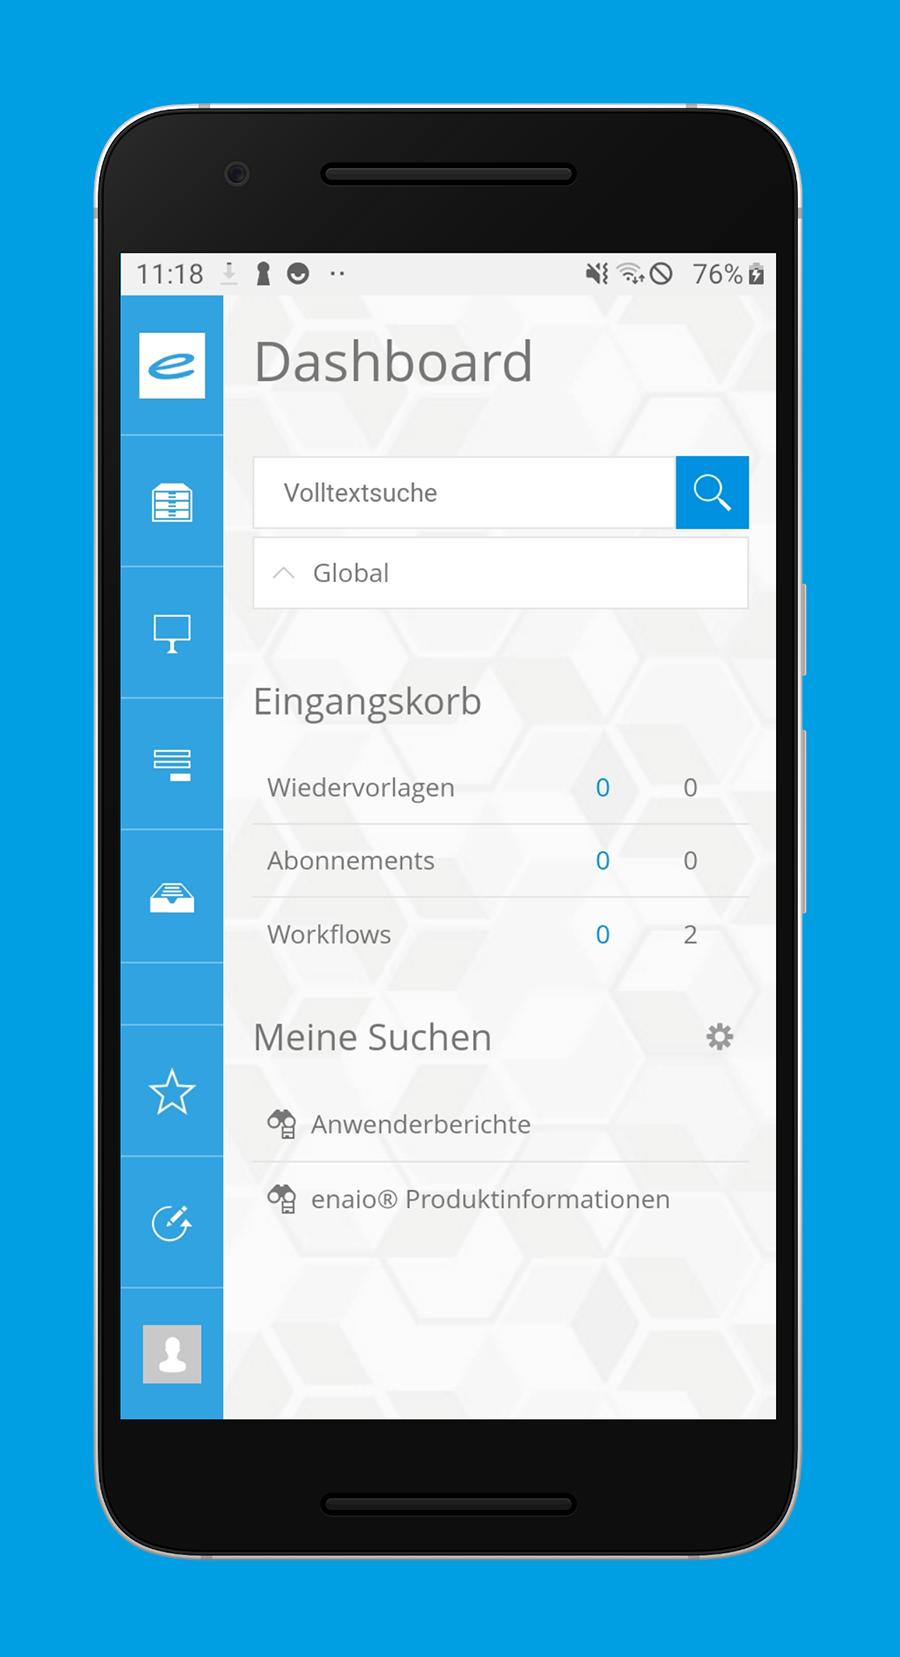 enaio® Dashboard – alle Informationen auf einen Blick